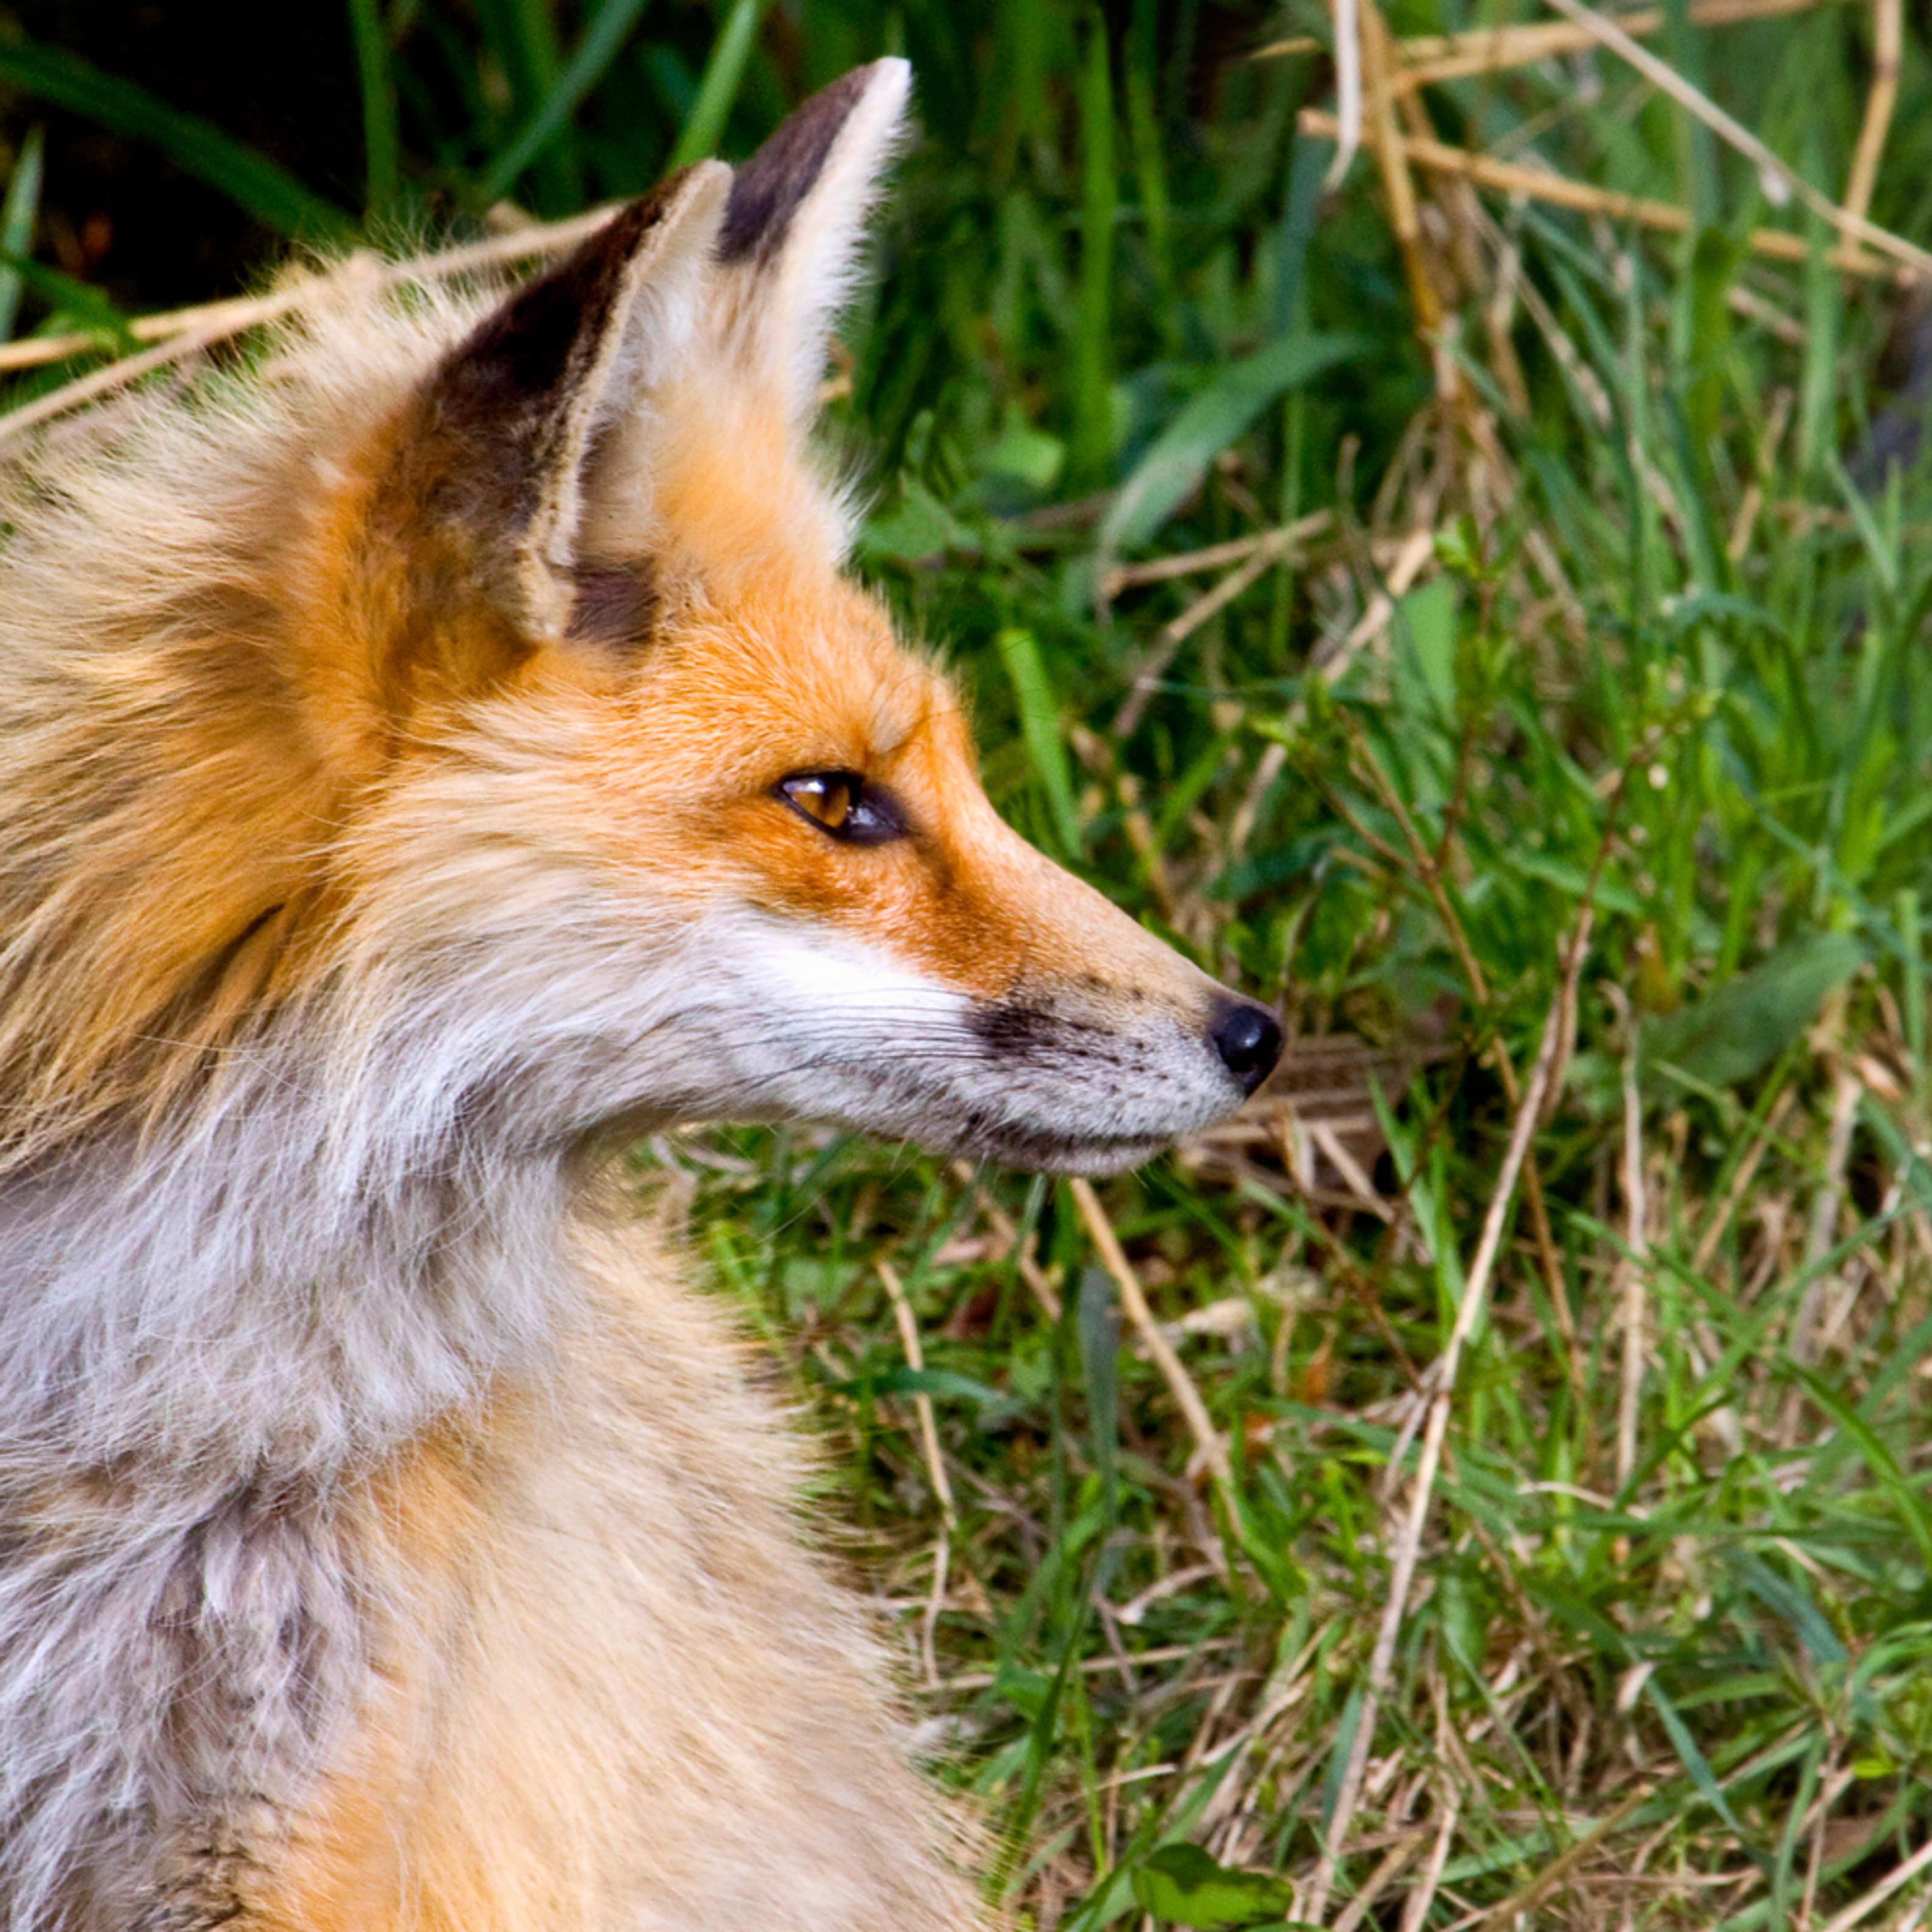 Red fox crp 0787 pzhaca